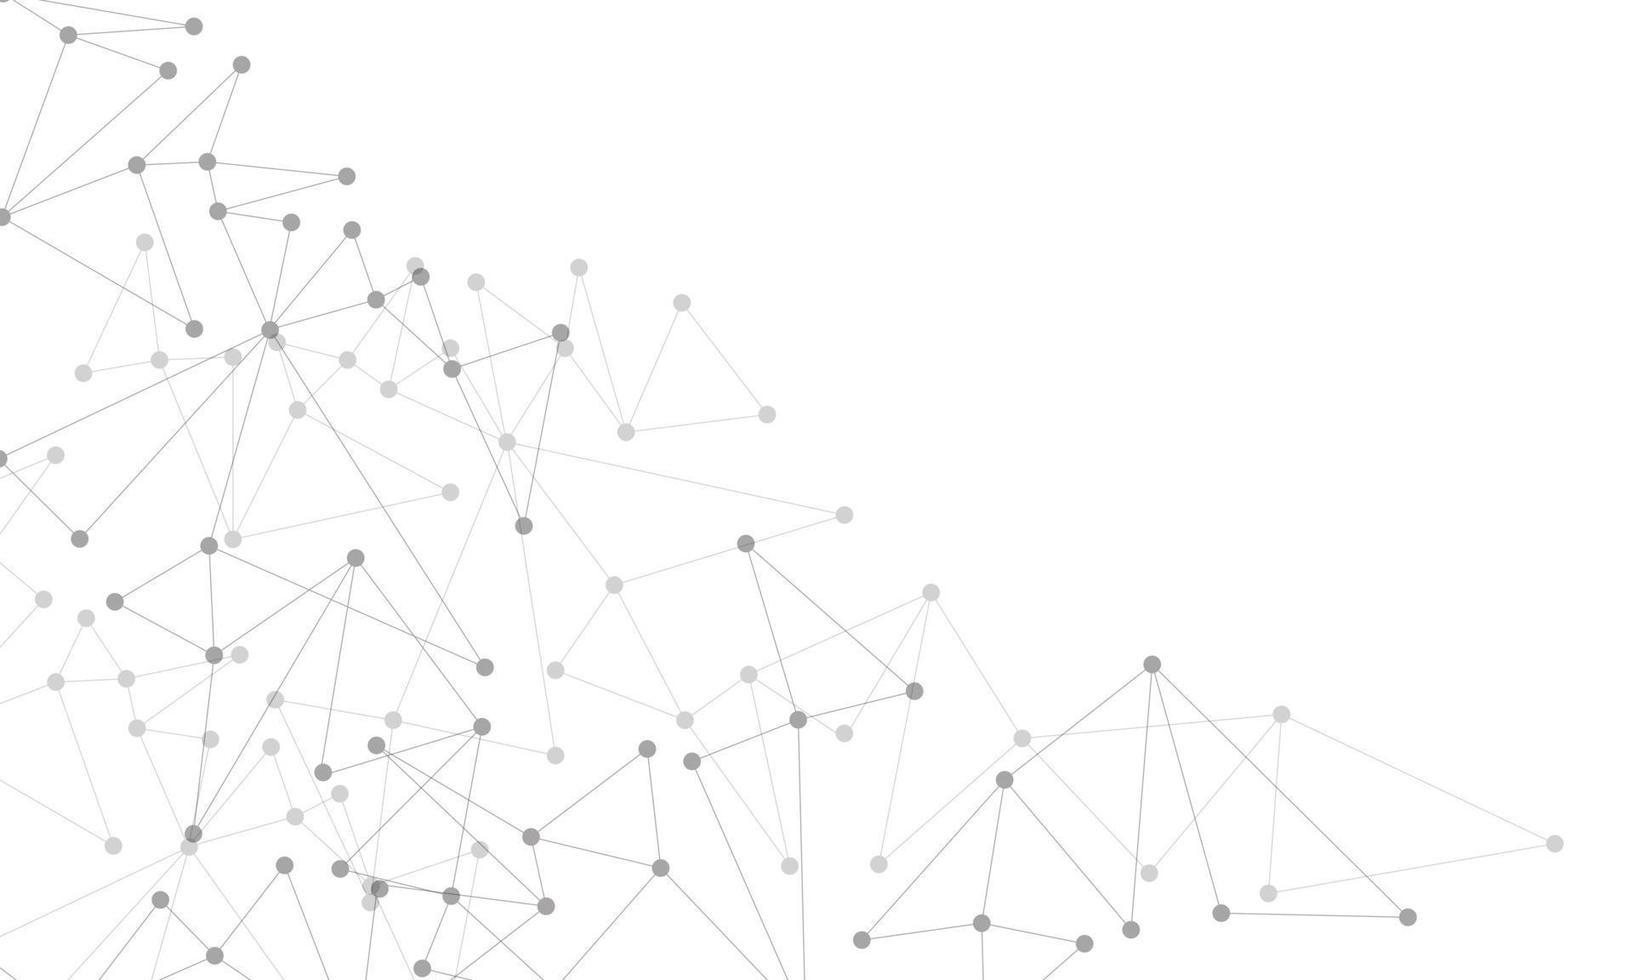 abstrakt grå linje prick ansluter nätverk geometriskt på vitt med tom rymdteknik futuristisk bakgrund vektorillustration. vektor